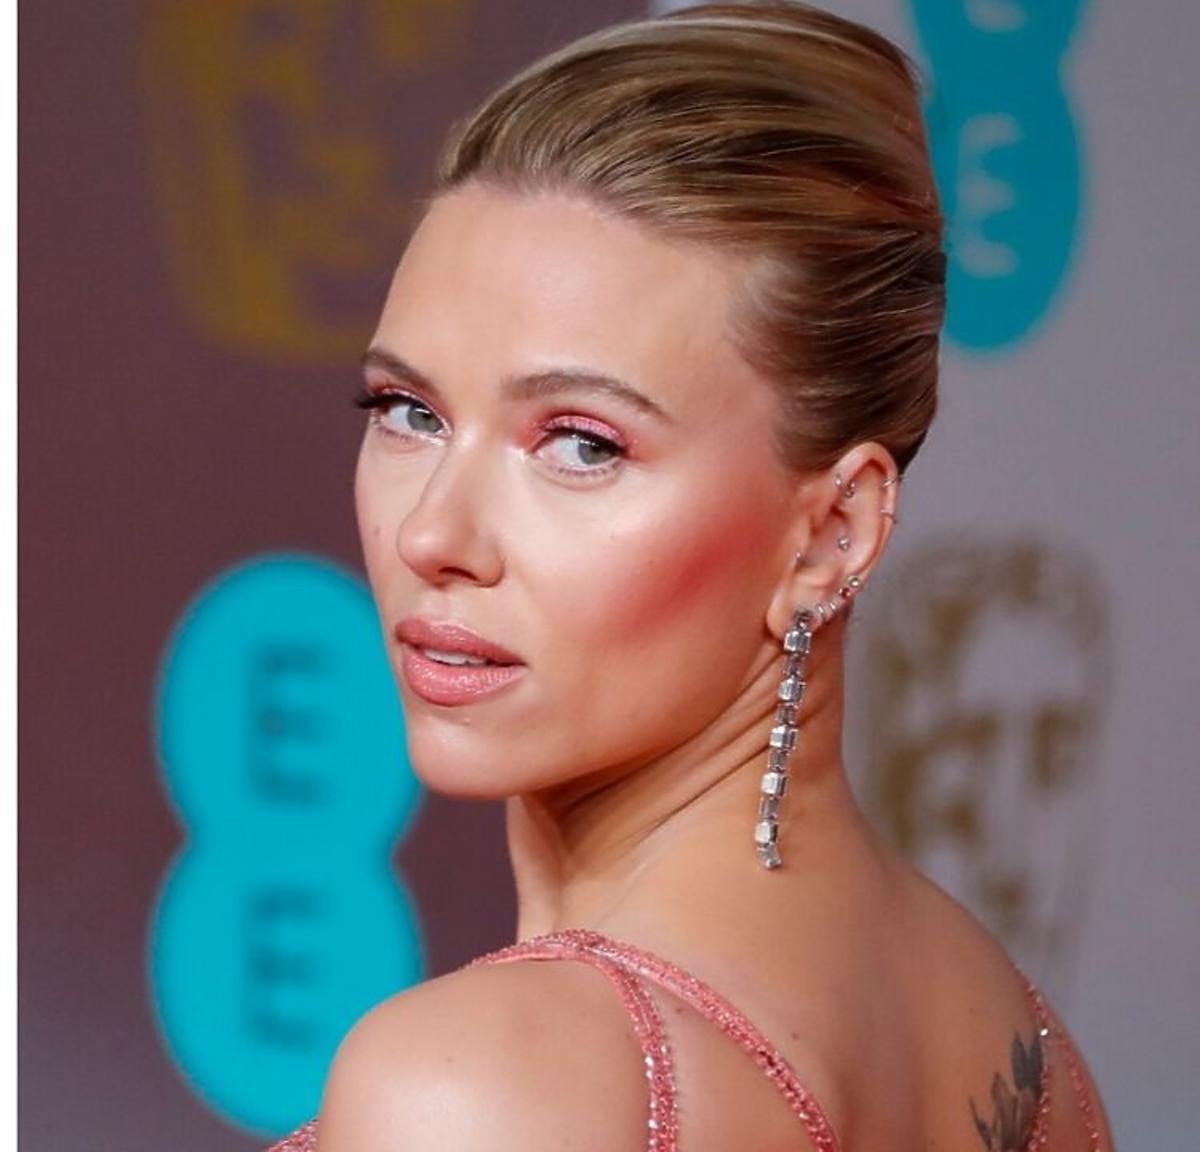 Różowy makijaż oczu: Scarlett Johansson